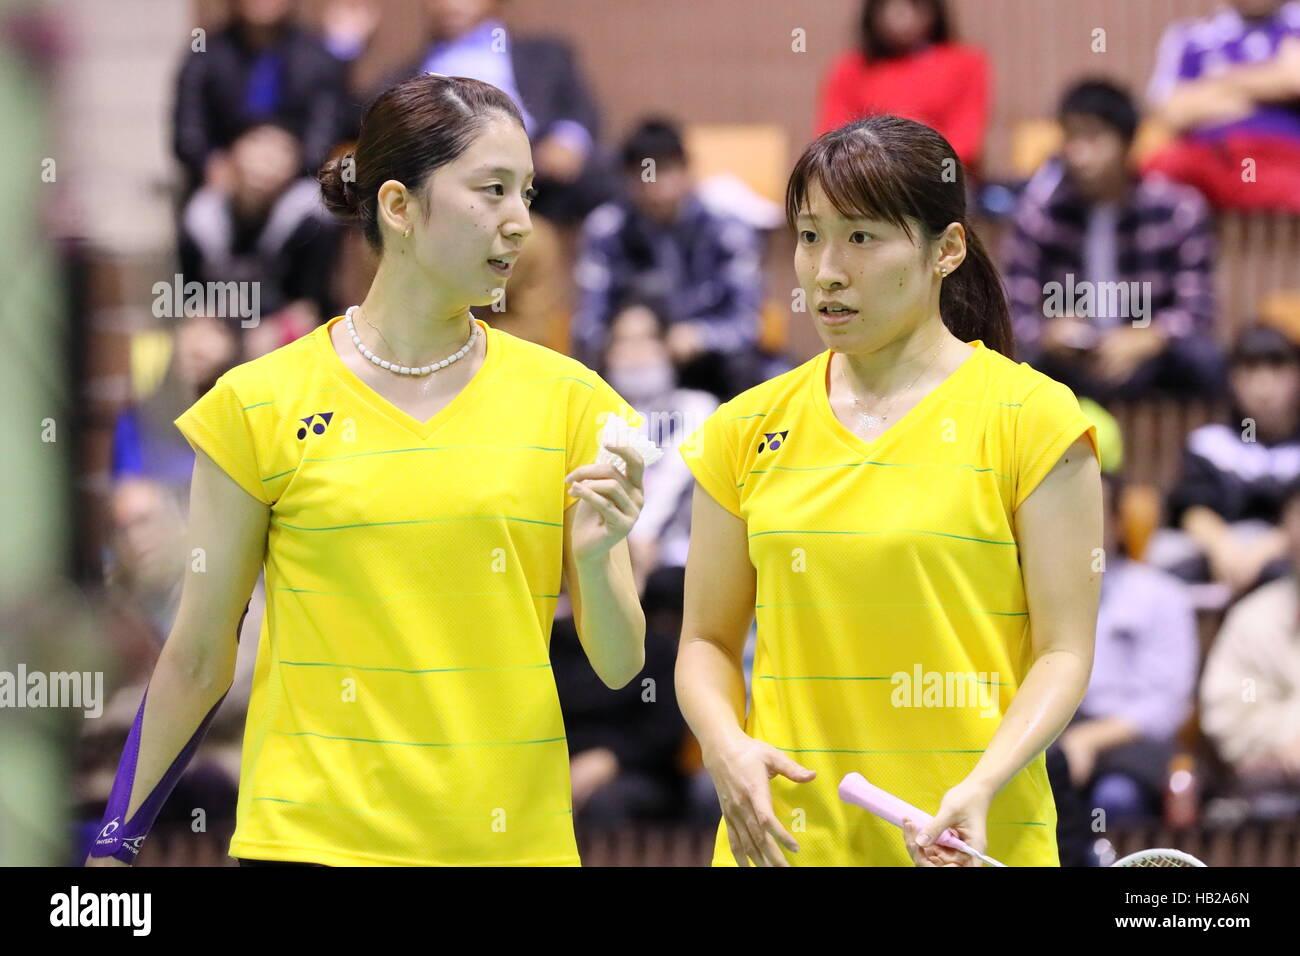 nd Yoyogi Gymnasium Tokyo Japan 4th Dec 2016 Koharu Yonemoto